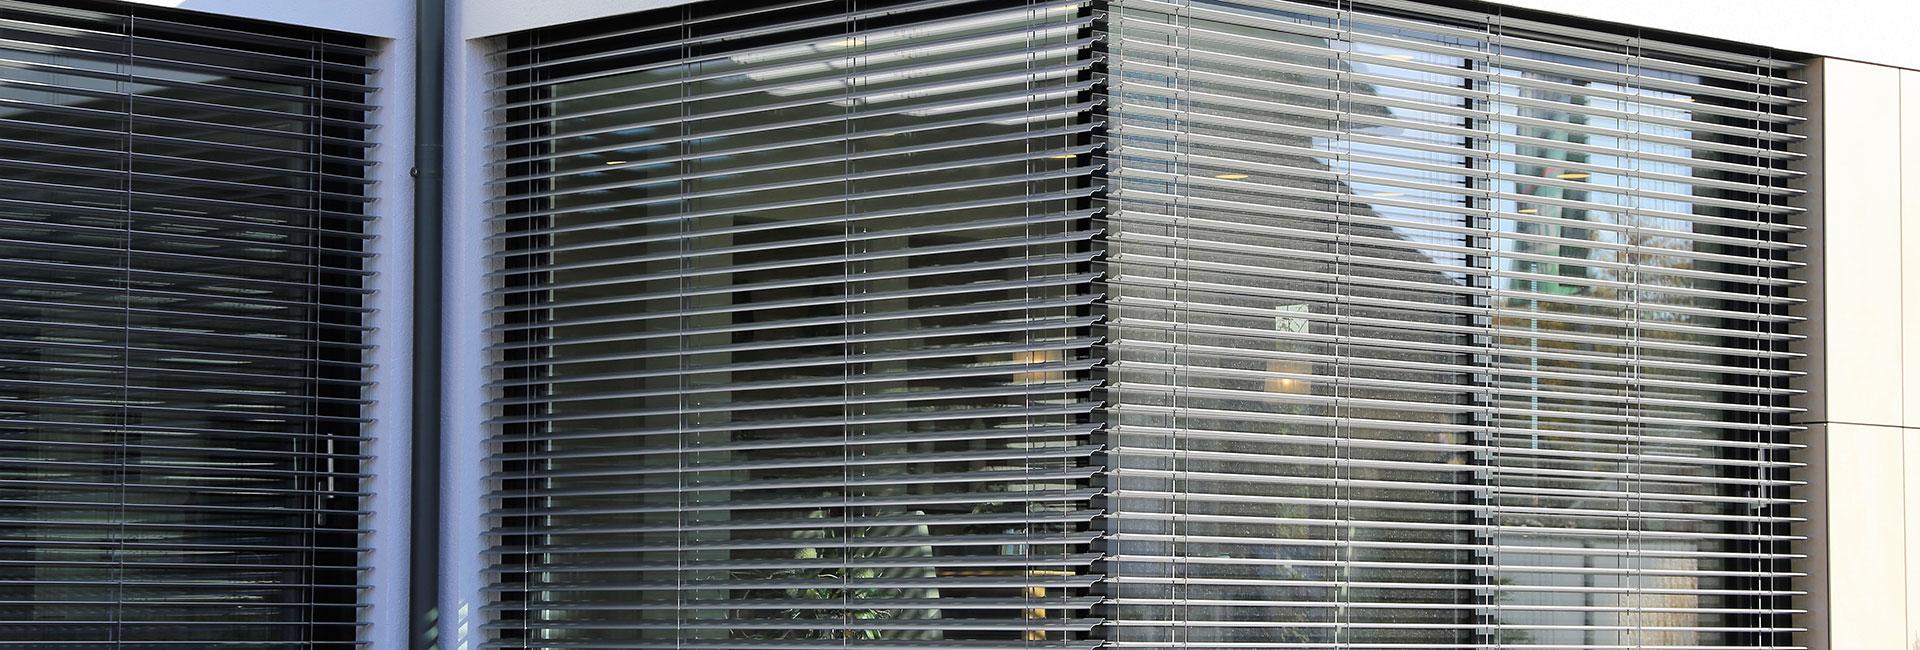 Full Size of Hanse Fenster Fenster Fenster.de